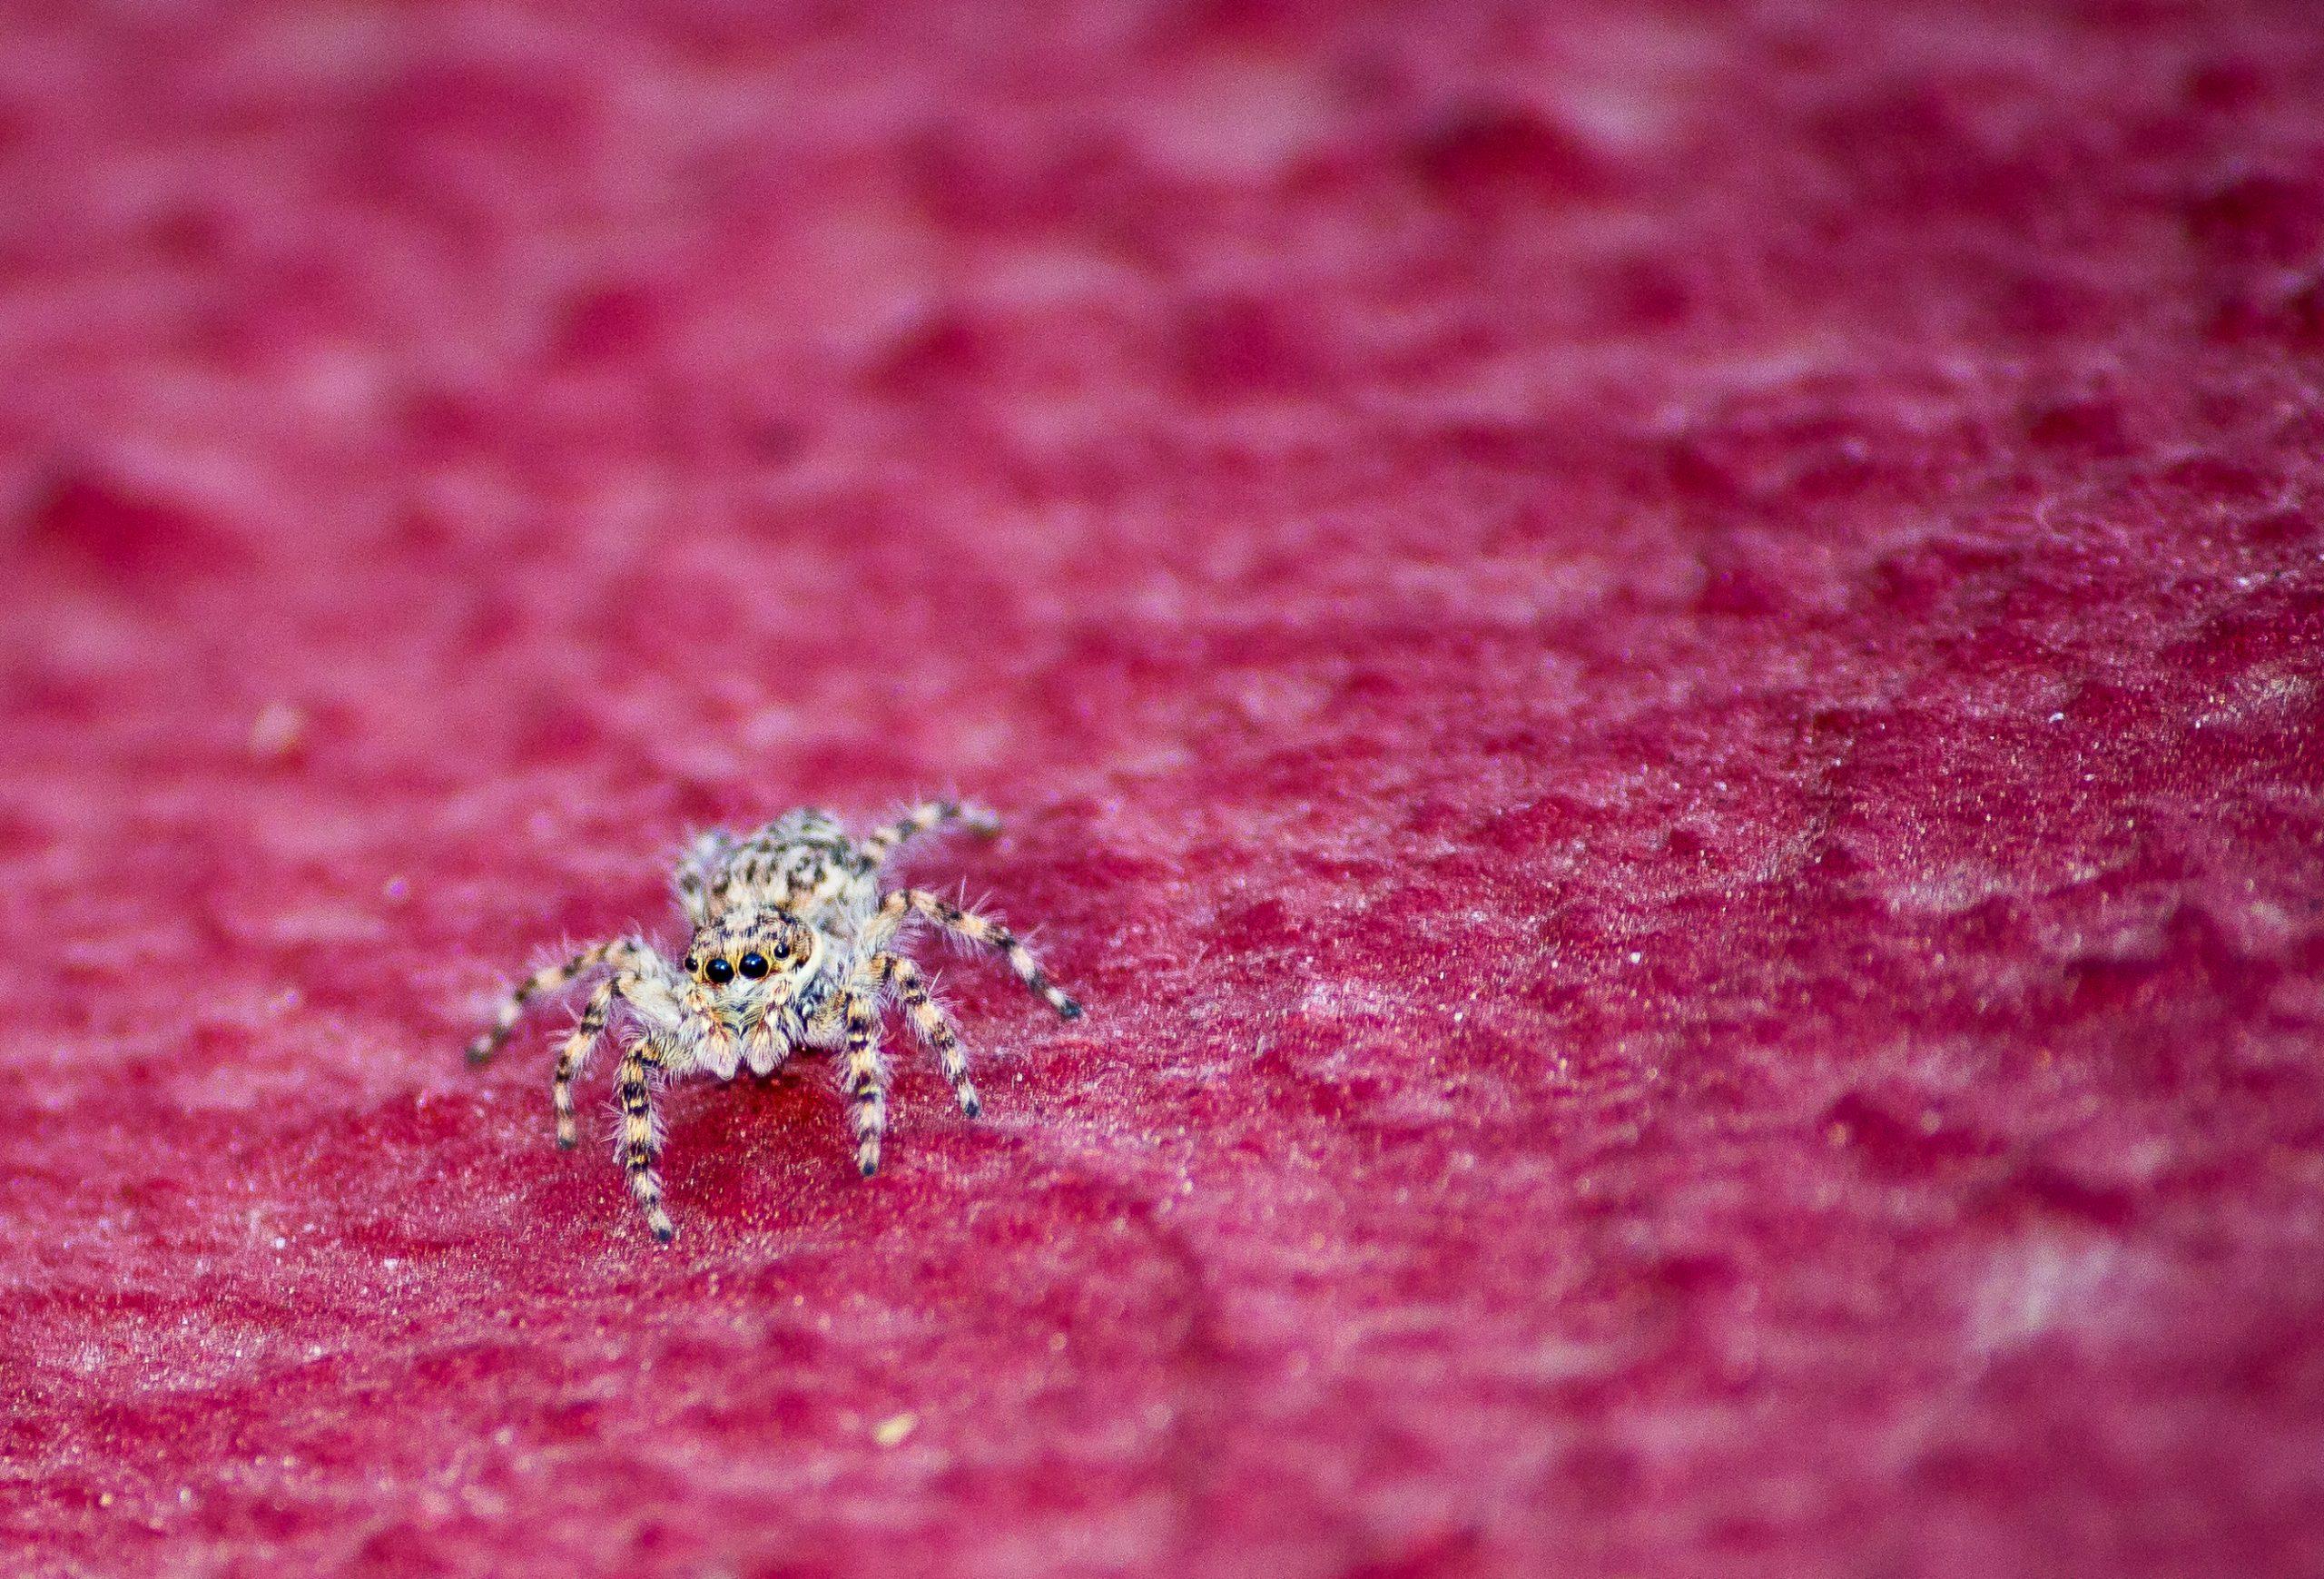 spider on pink floor